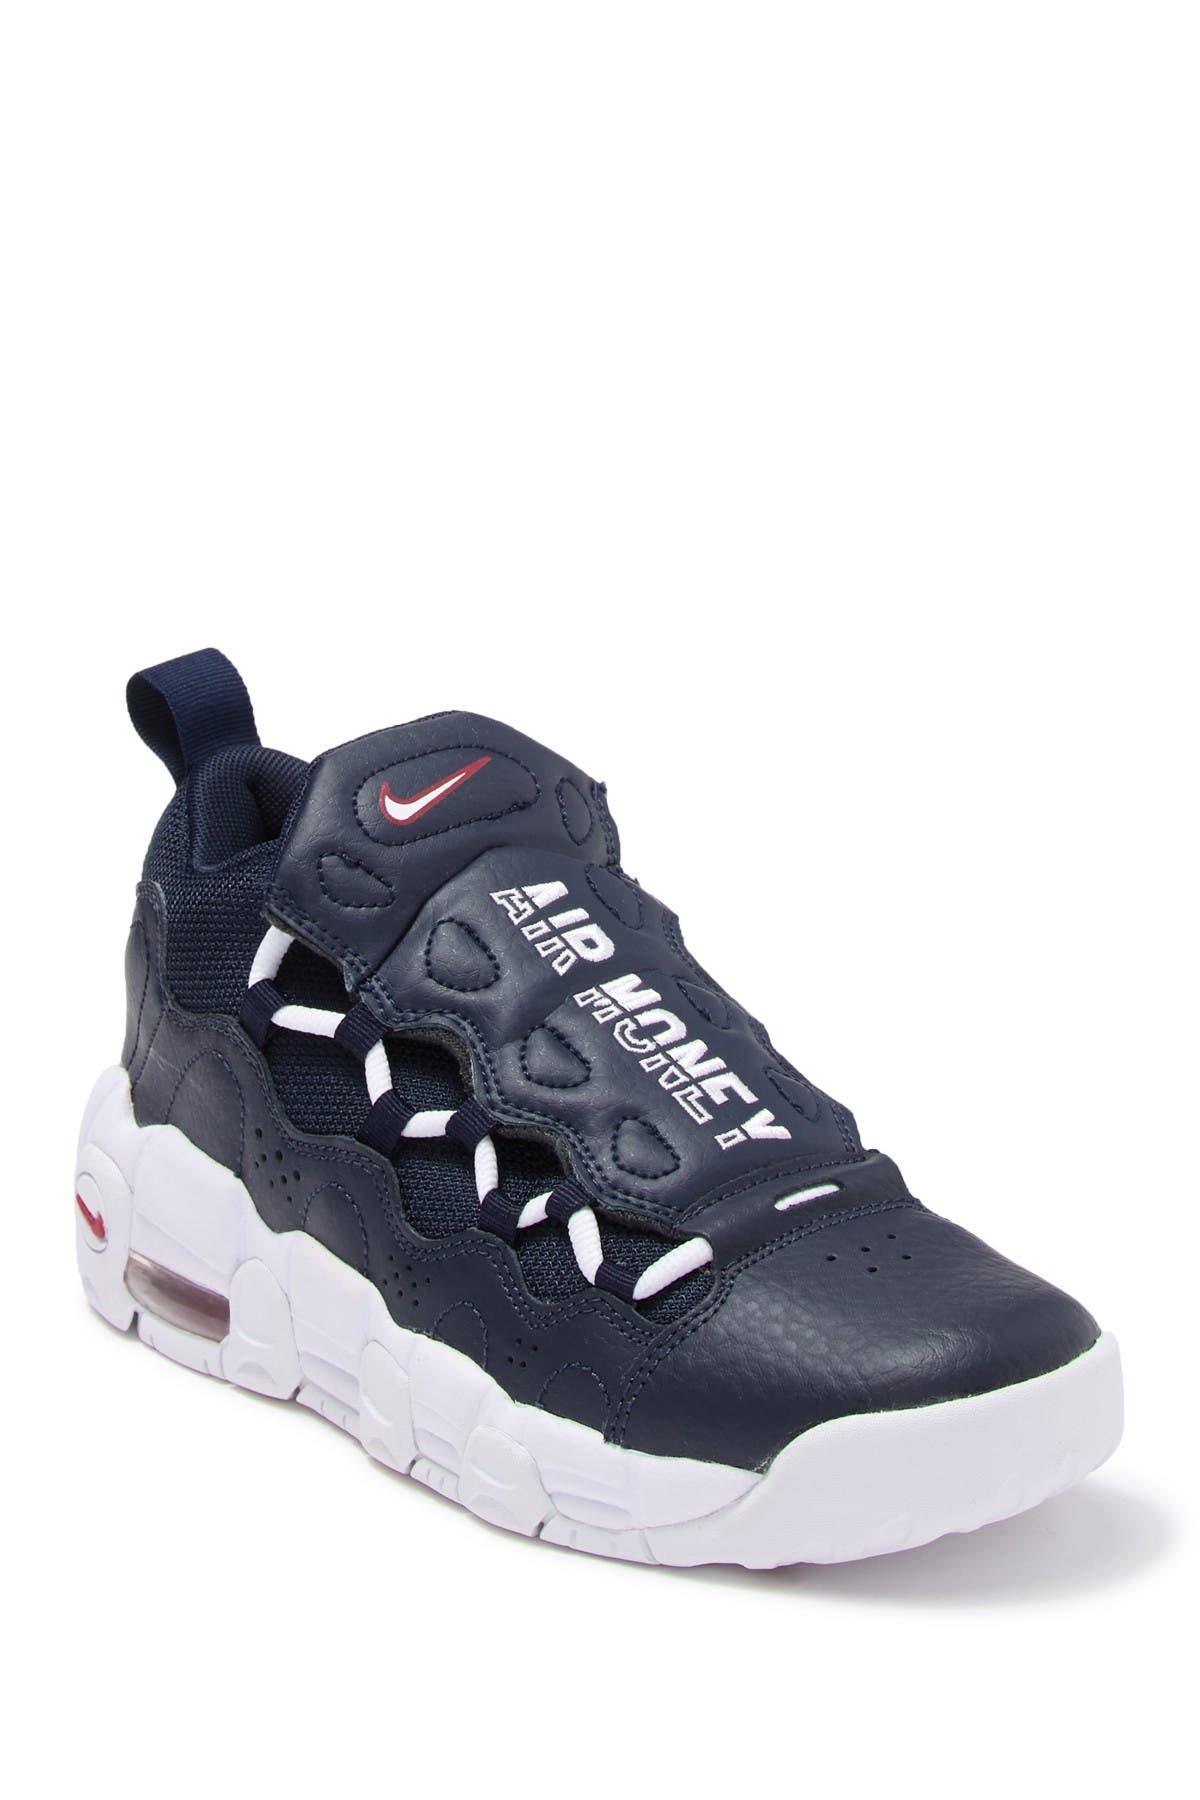 Nike | Air More Money Sneaker